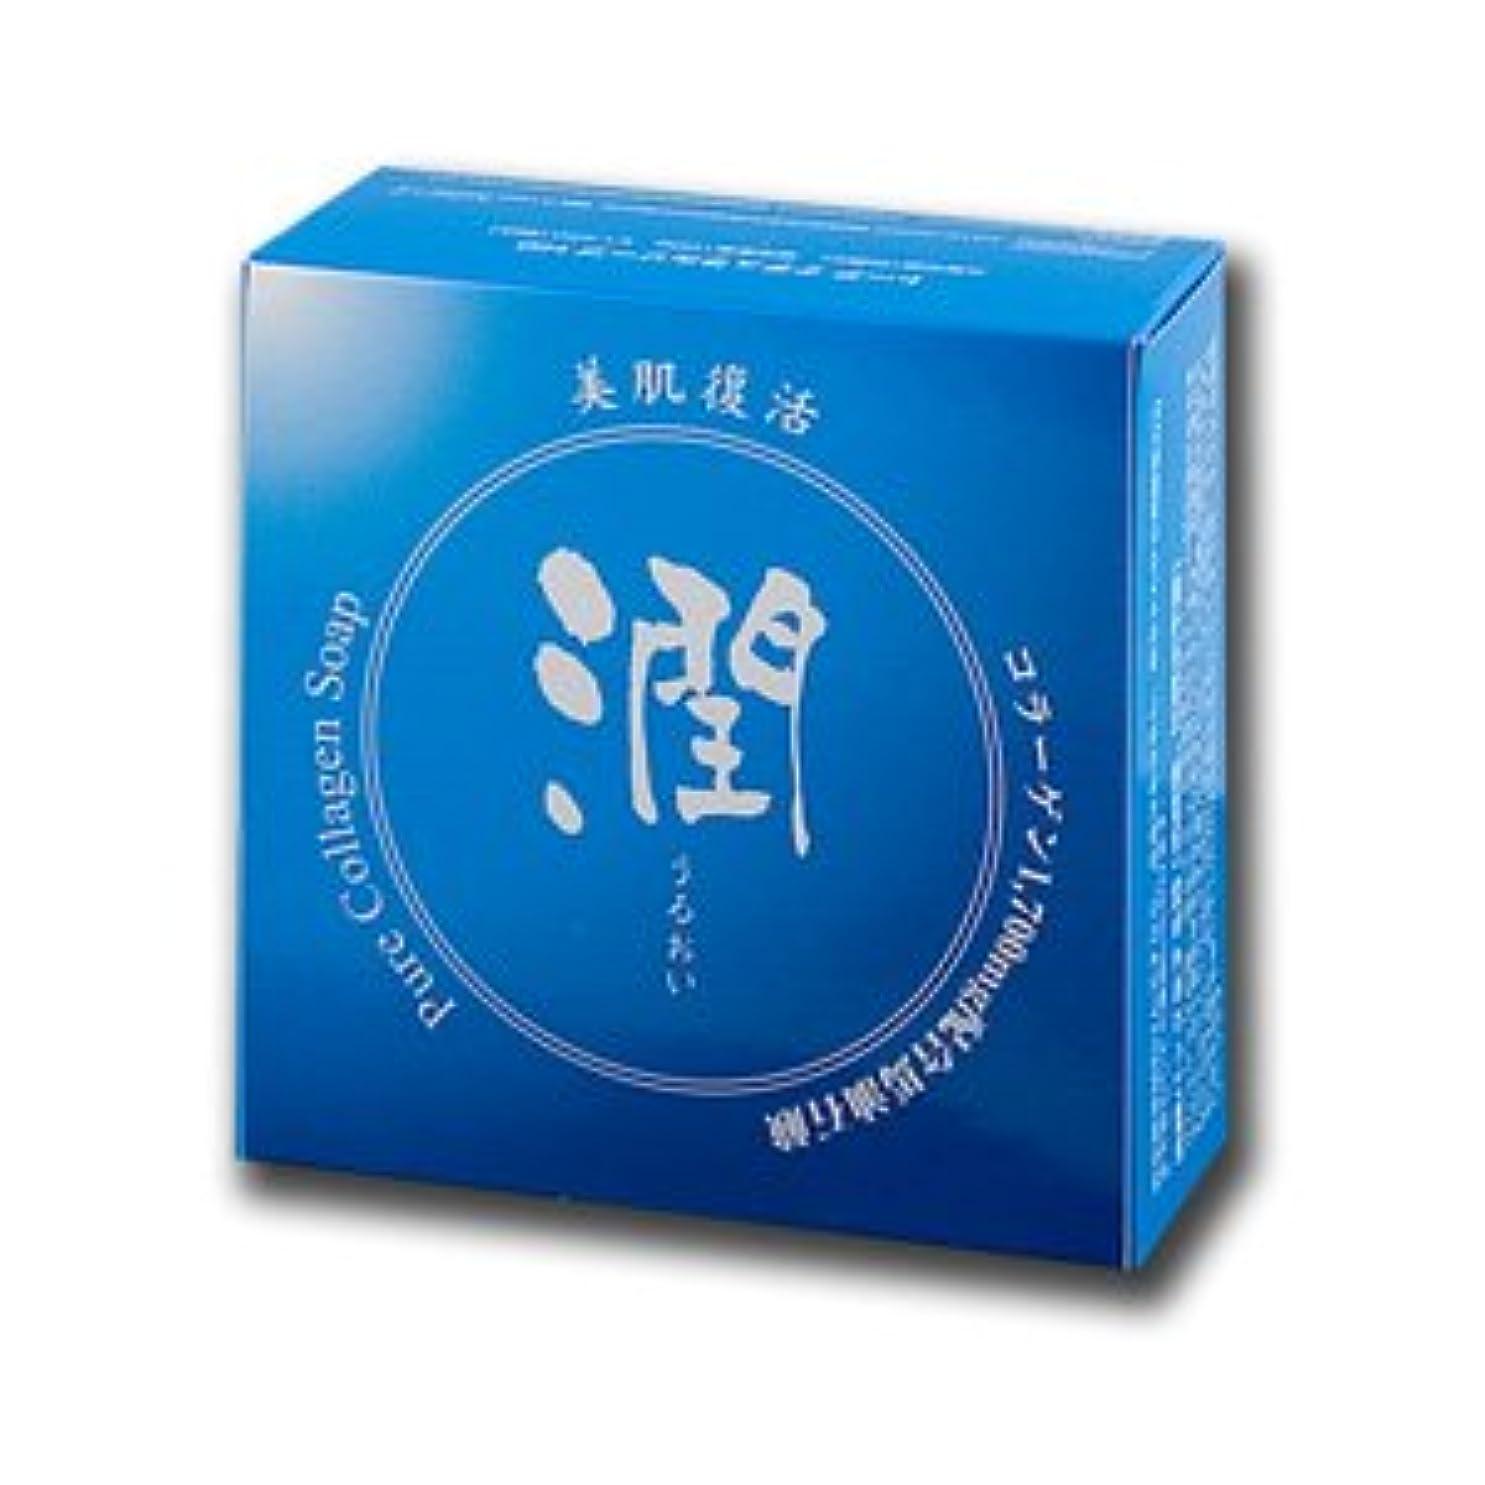 トムオードリース見捨てられた野心コラーゲン馬油石鹸 潤 100g (#800410) ×6個セット